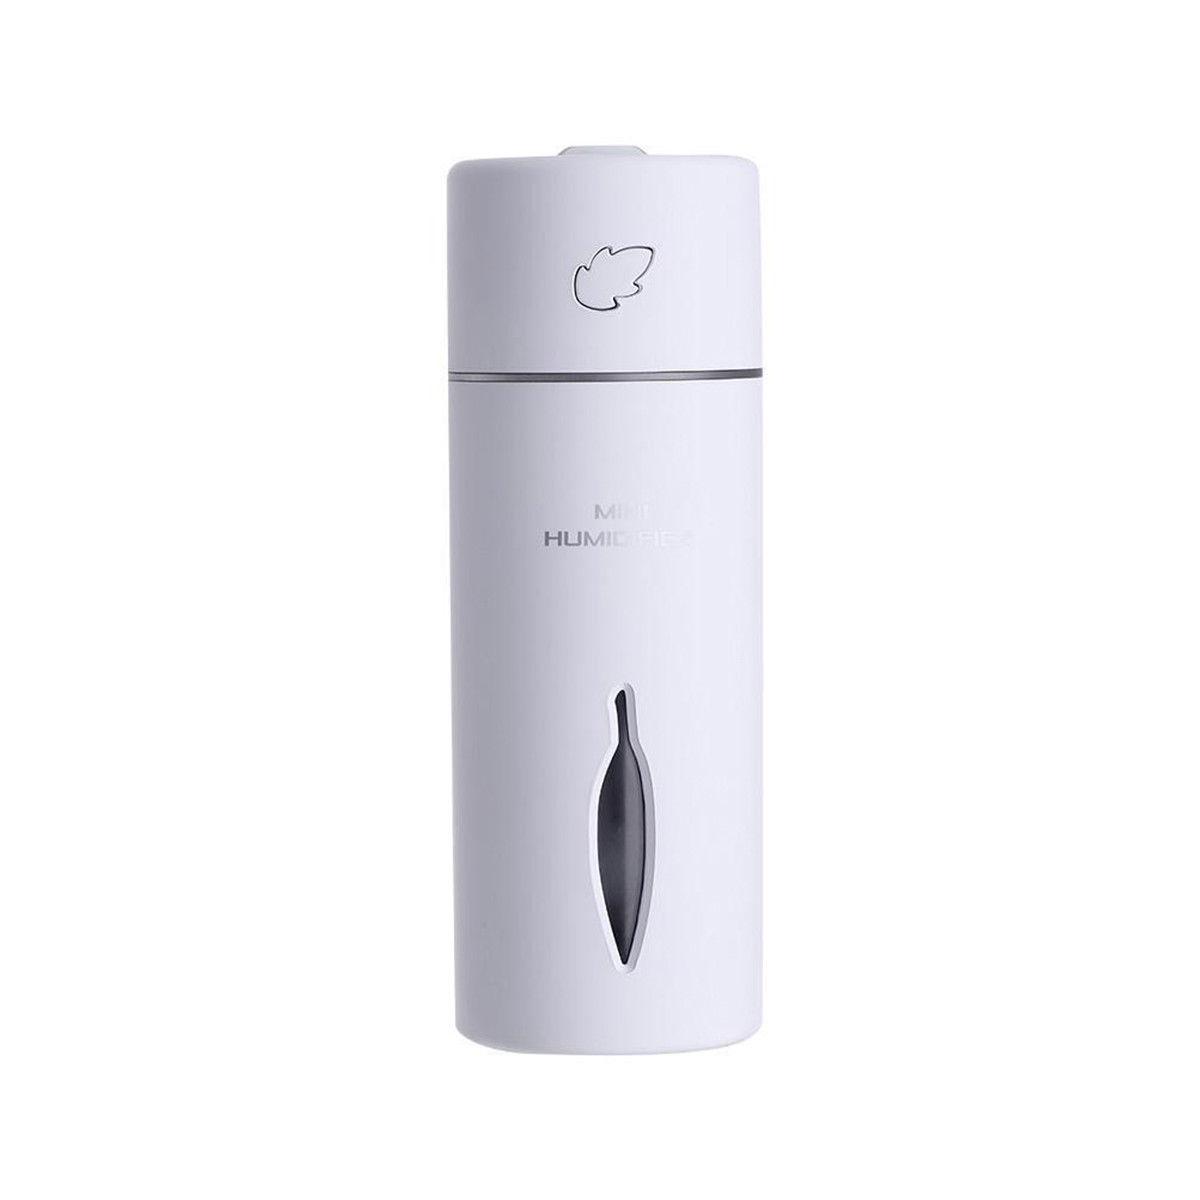 LED Mini Portable Car Humidifier Air Purifier Freshener Essential Oil Diffuser white